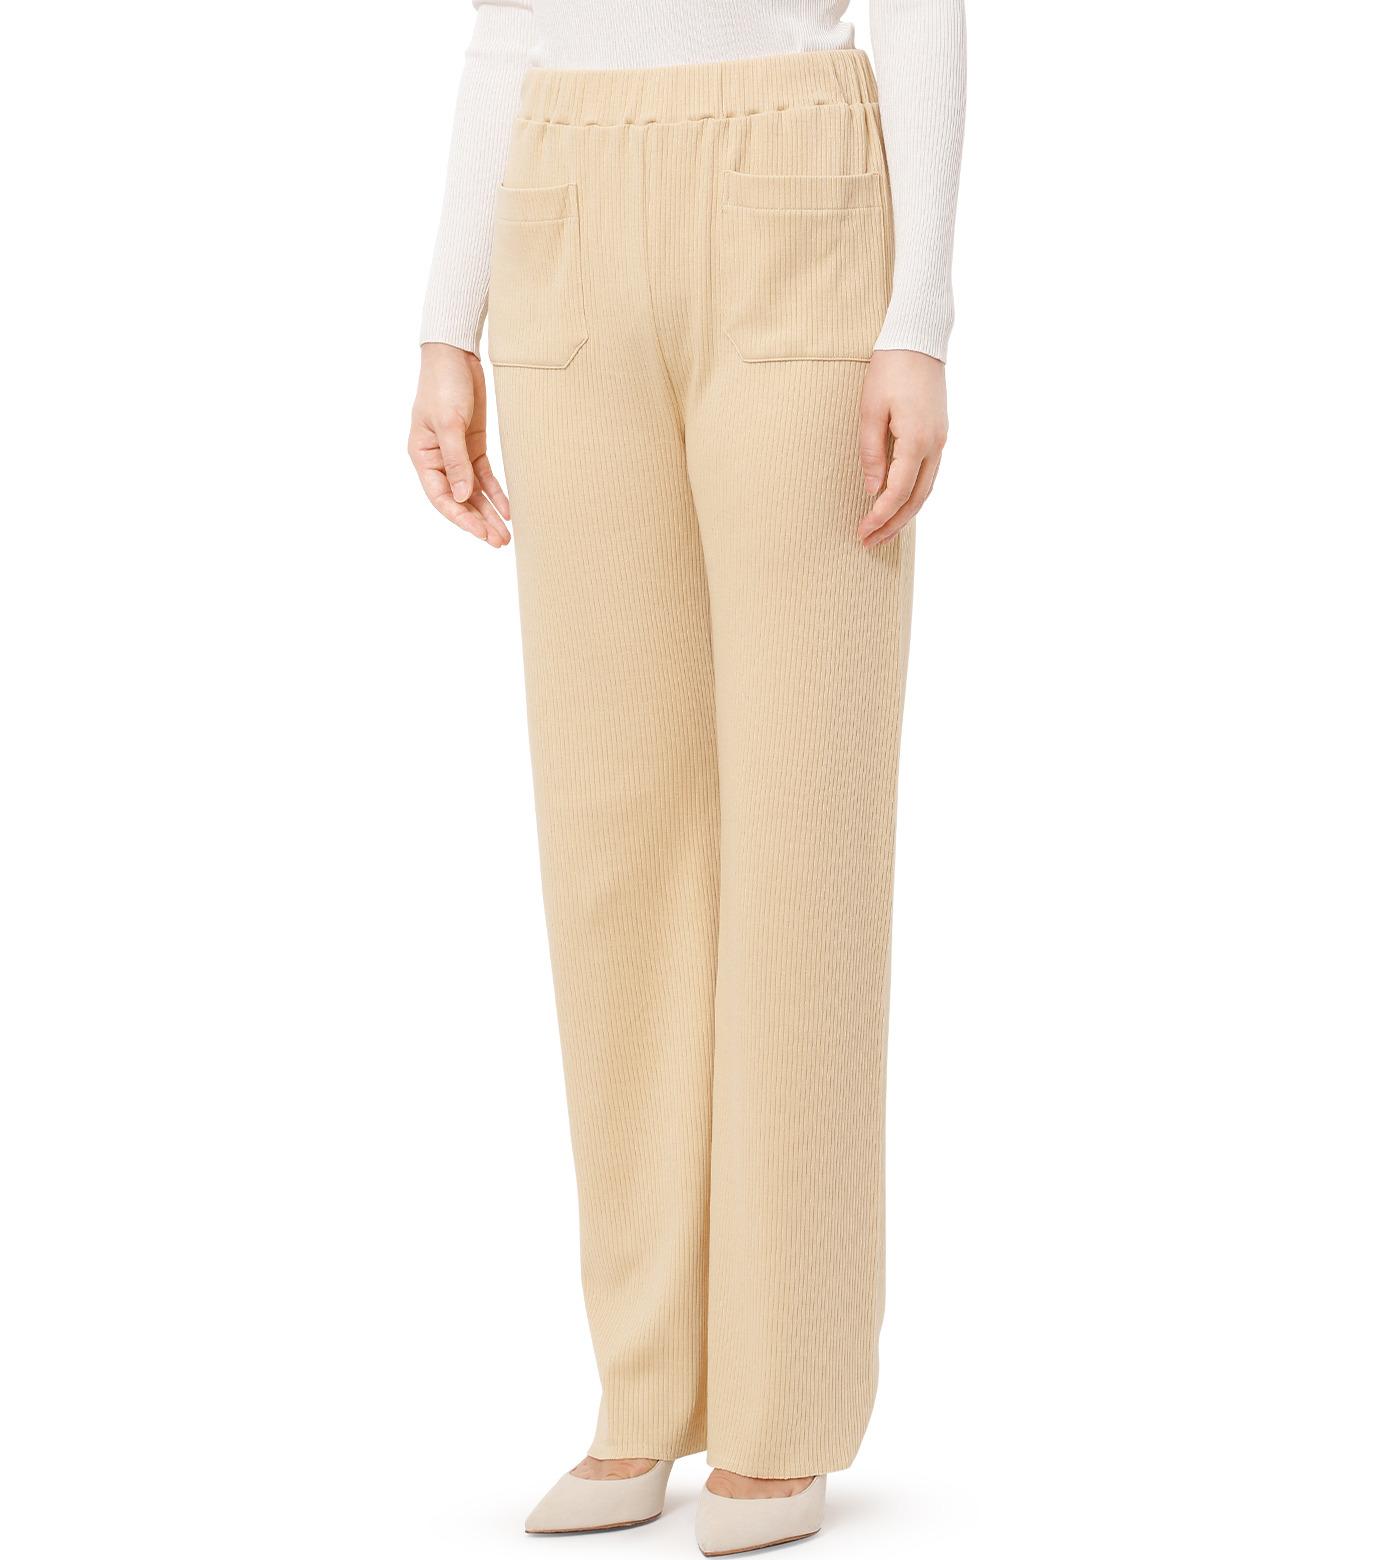 AKANE UTSUNOMIYA(アカネウツノミヤ)のRib Knit Pants-LIGHT BEIGE(パンツ/pants)-W16FCT012001-51 拡大詳細画像1